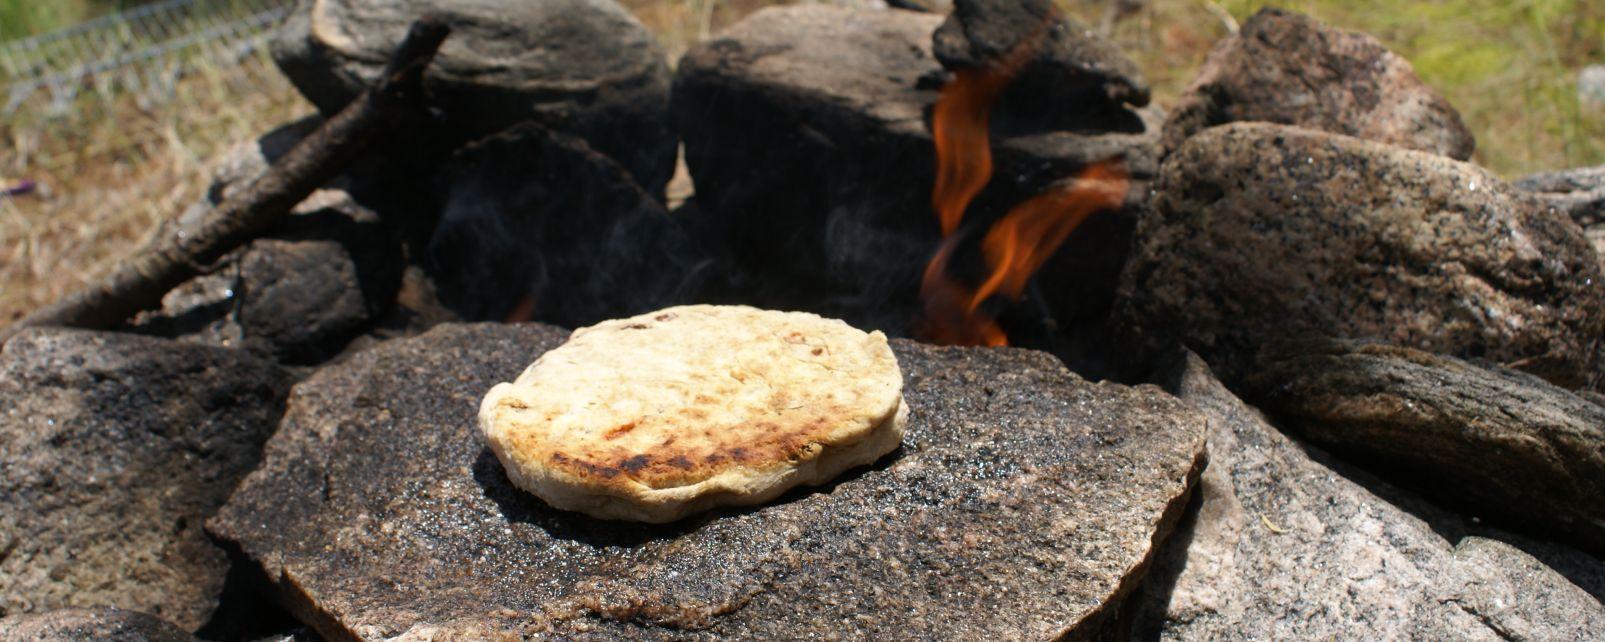 La gastronomie, bannock, alimentation, pain, cuisine, manitoba, canada, nourriture, amérique